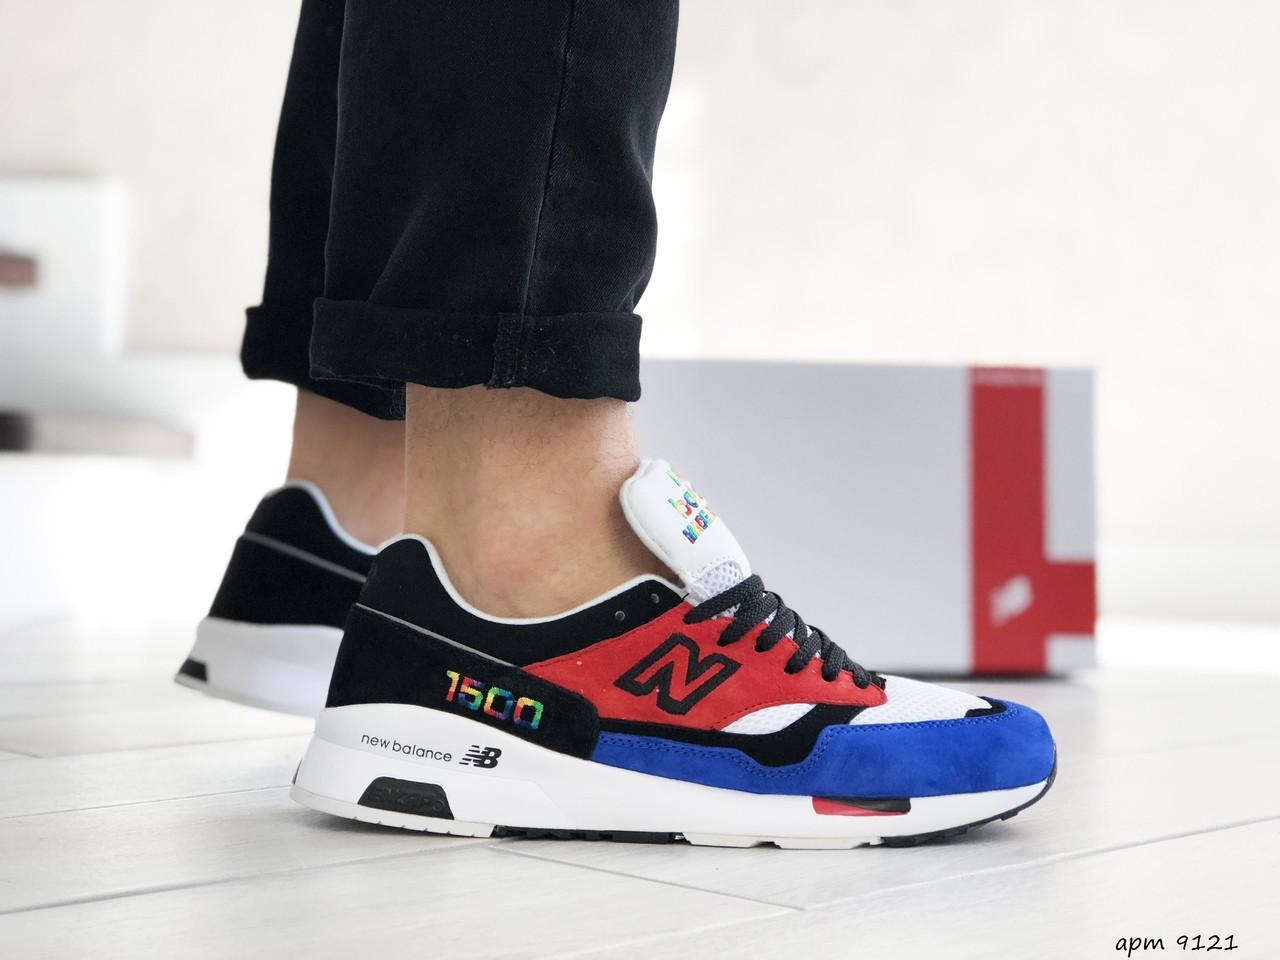 Мужские кроссовки New Balance 1500,красные с синим